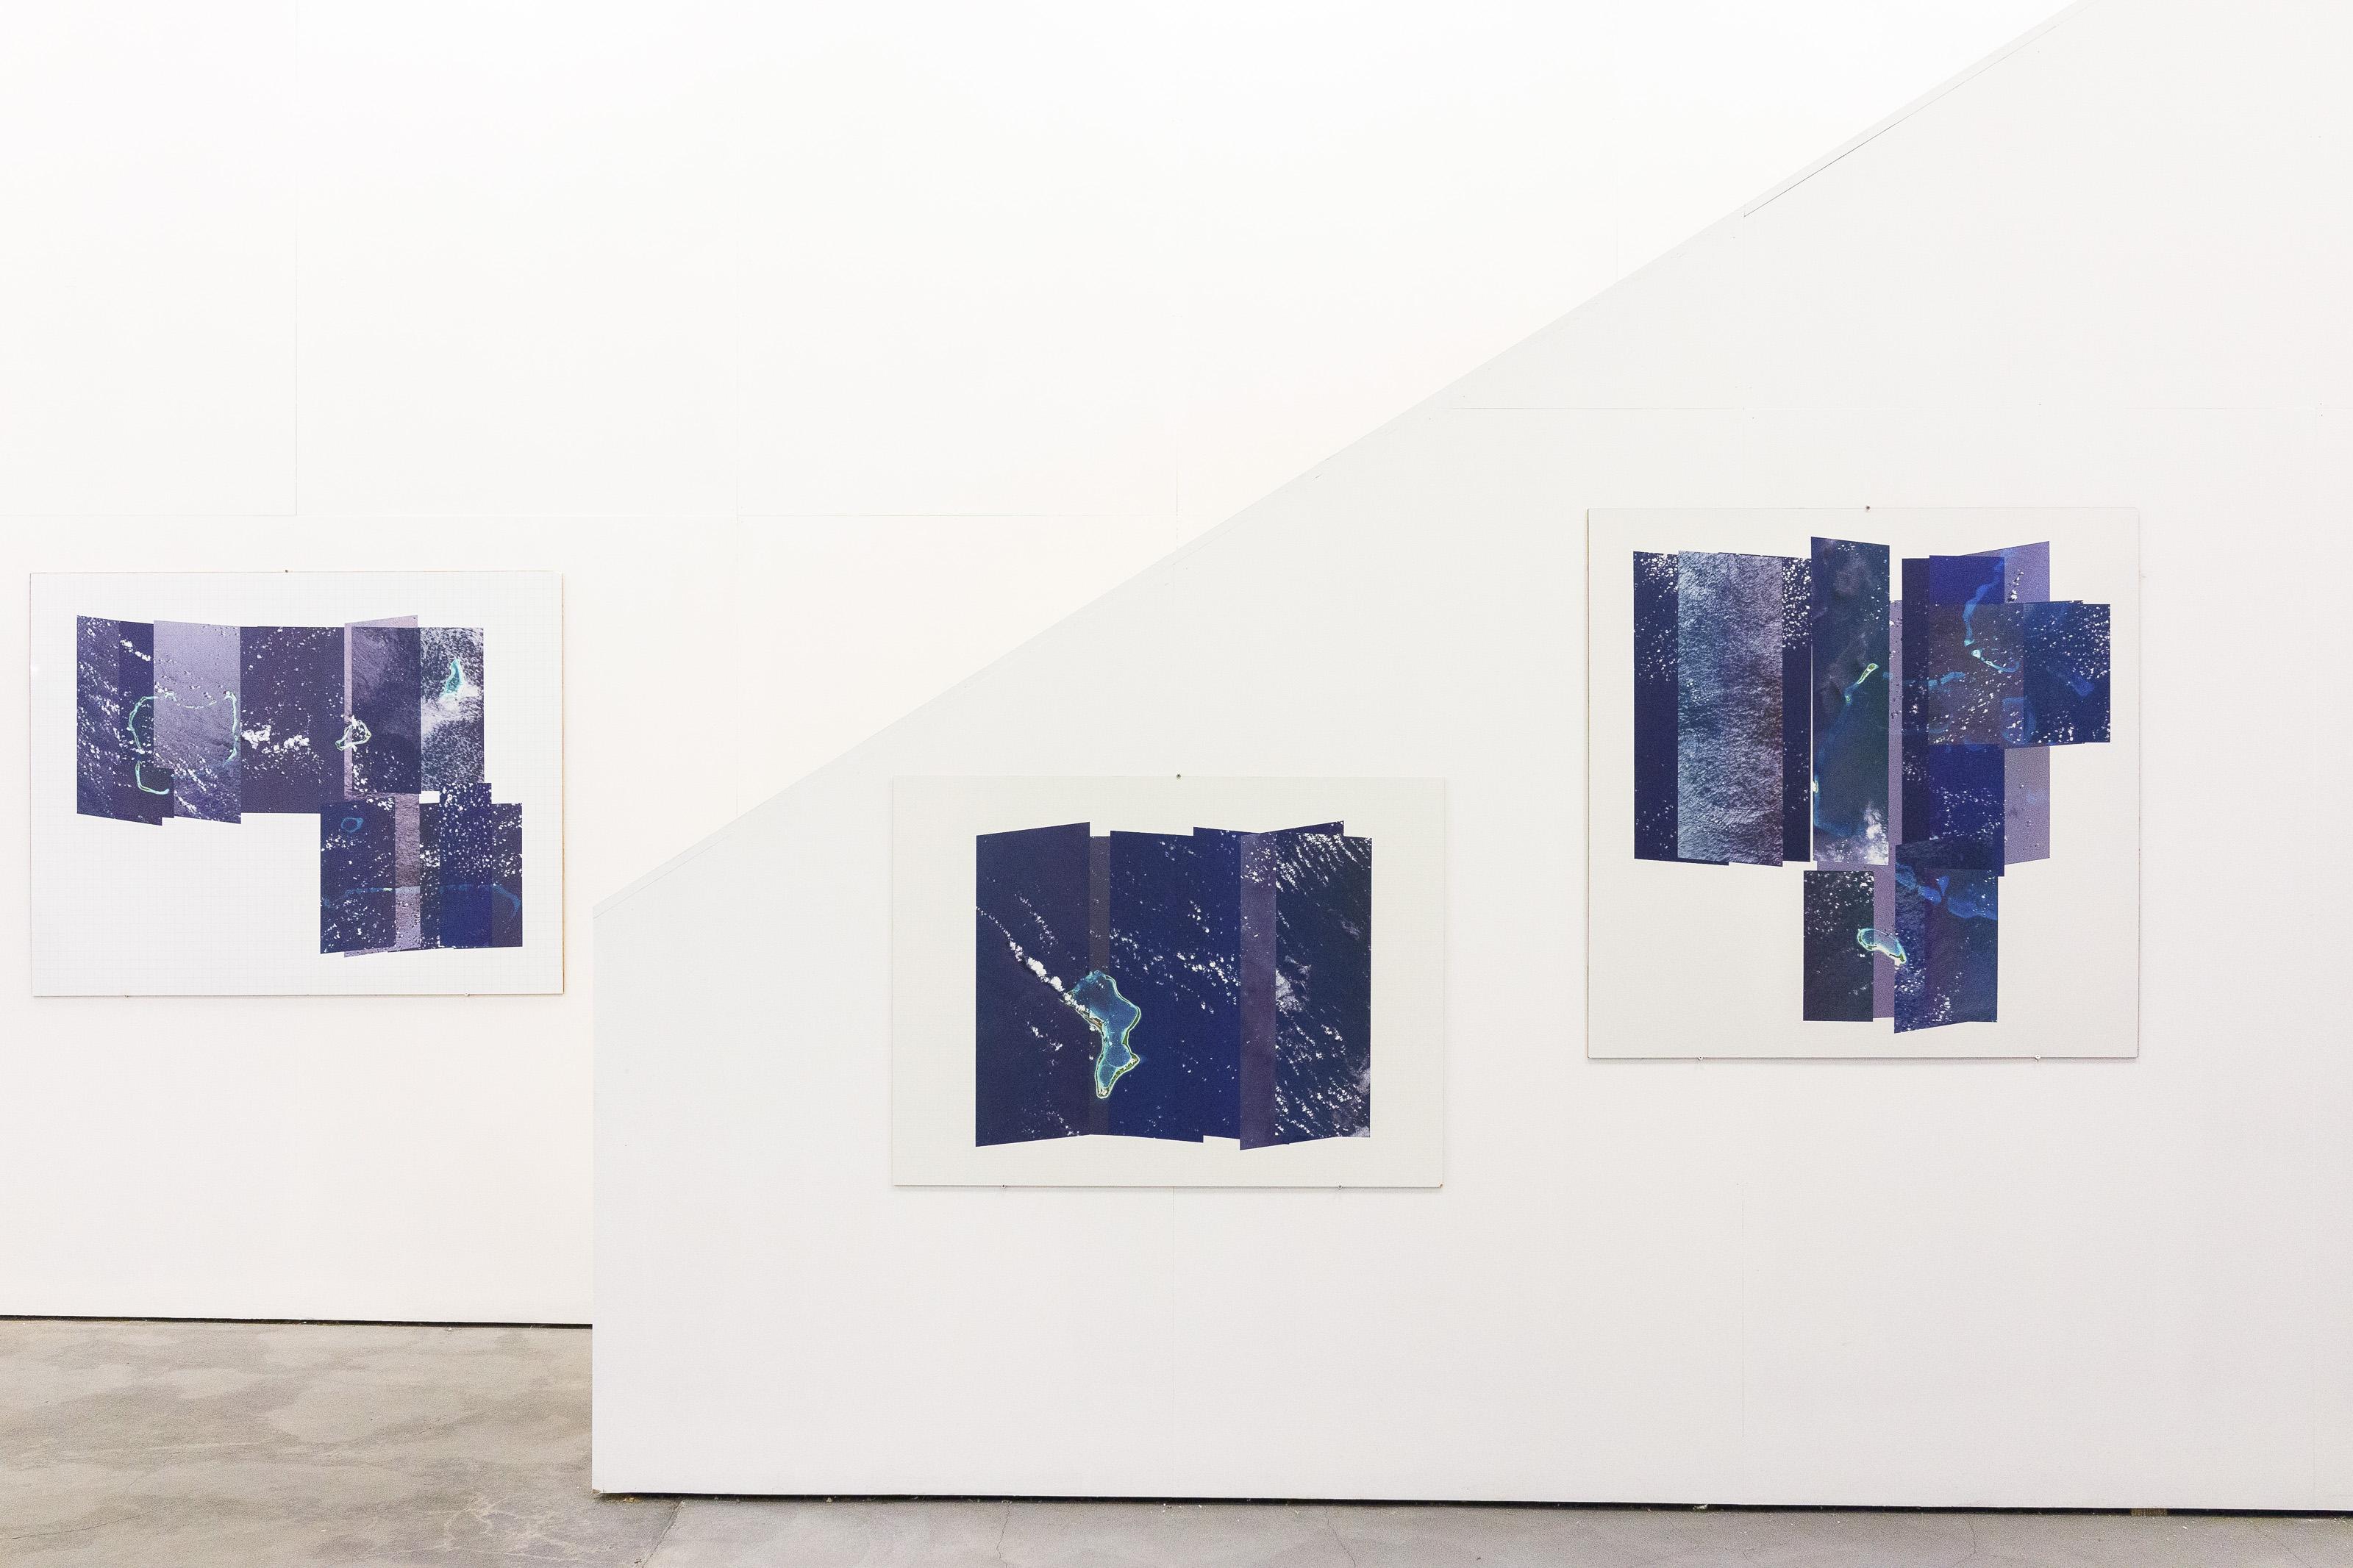 """Johanna Flato, """"IO Sitemaps"""" installation view, Harlesden High Street, London, 2019 (photo courtesy of Jonny Tanna)"""